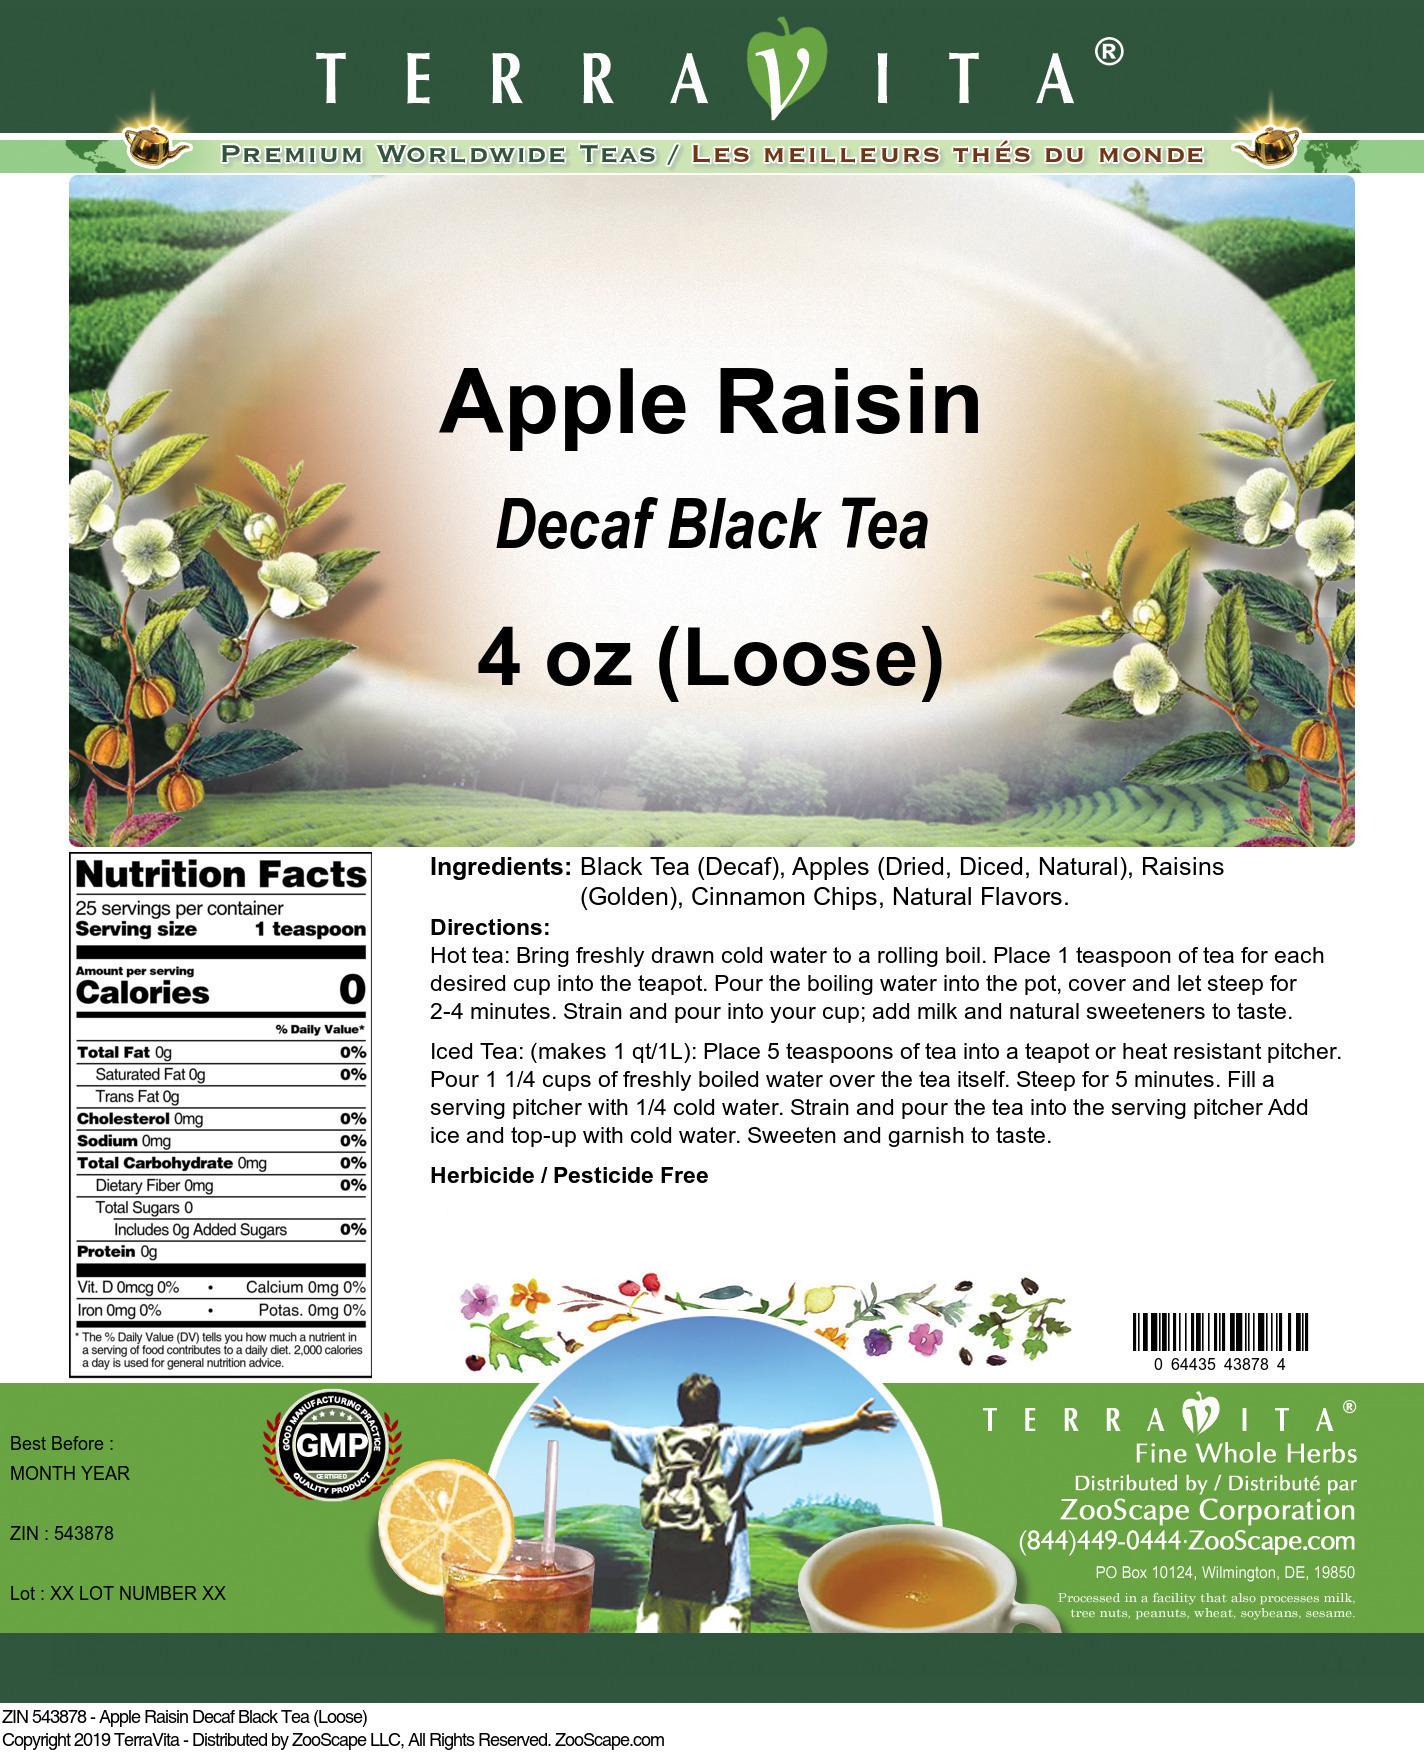 Apple Raisin Decaf Black Tea